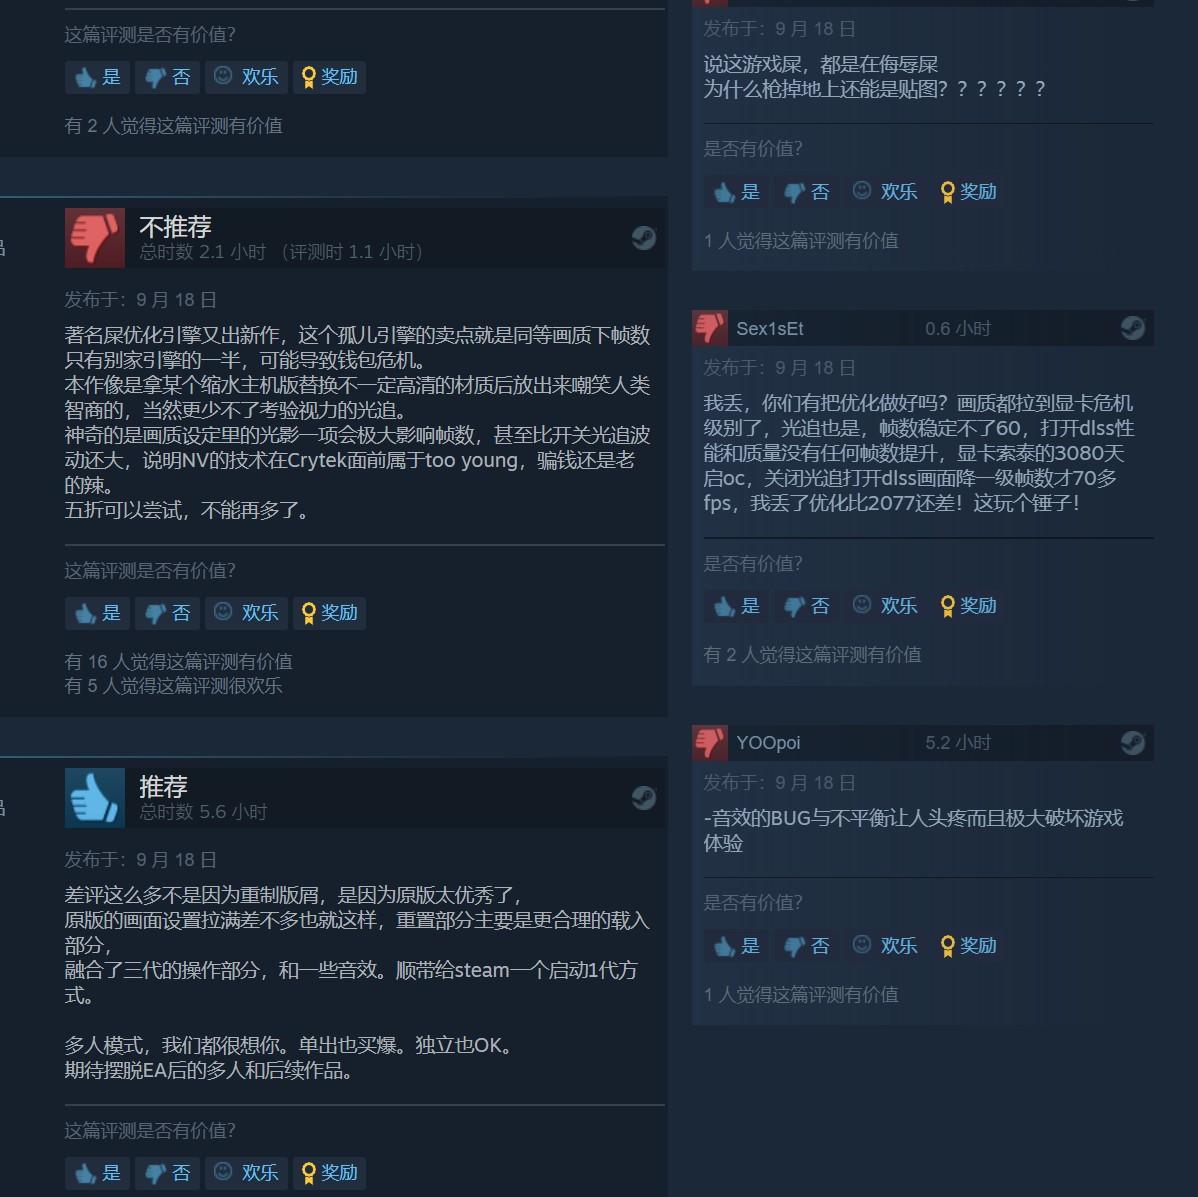 《孤岛危机:复刻版》Steam褒贬不一 技术问题较多插图5